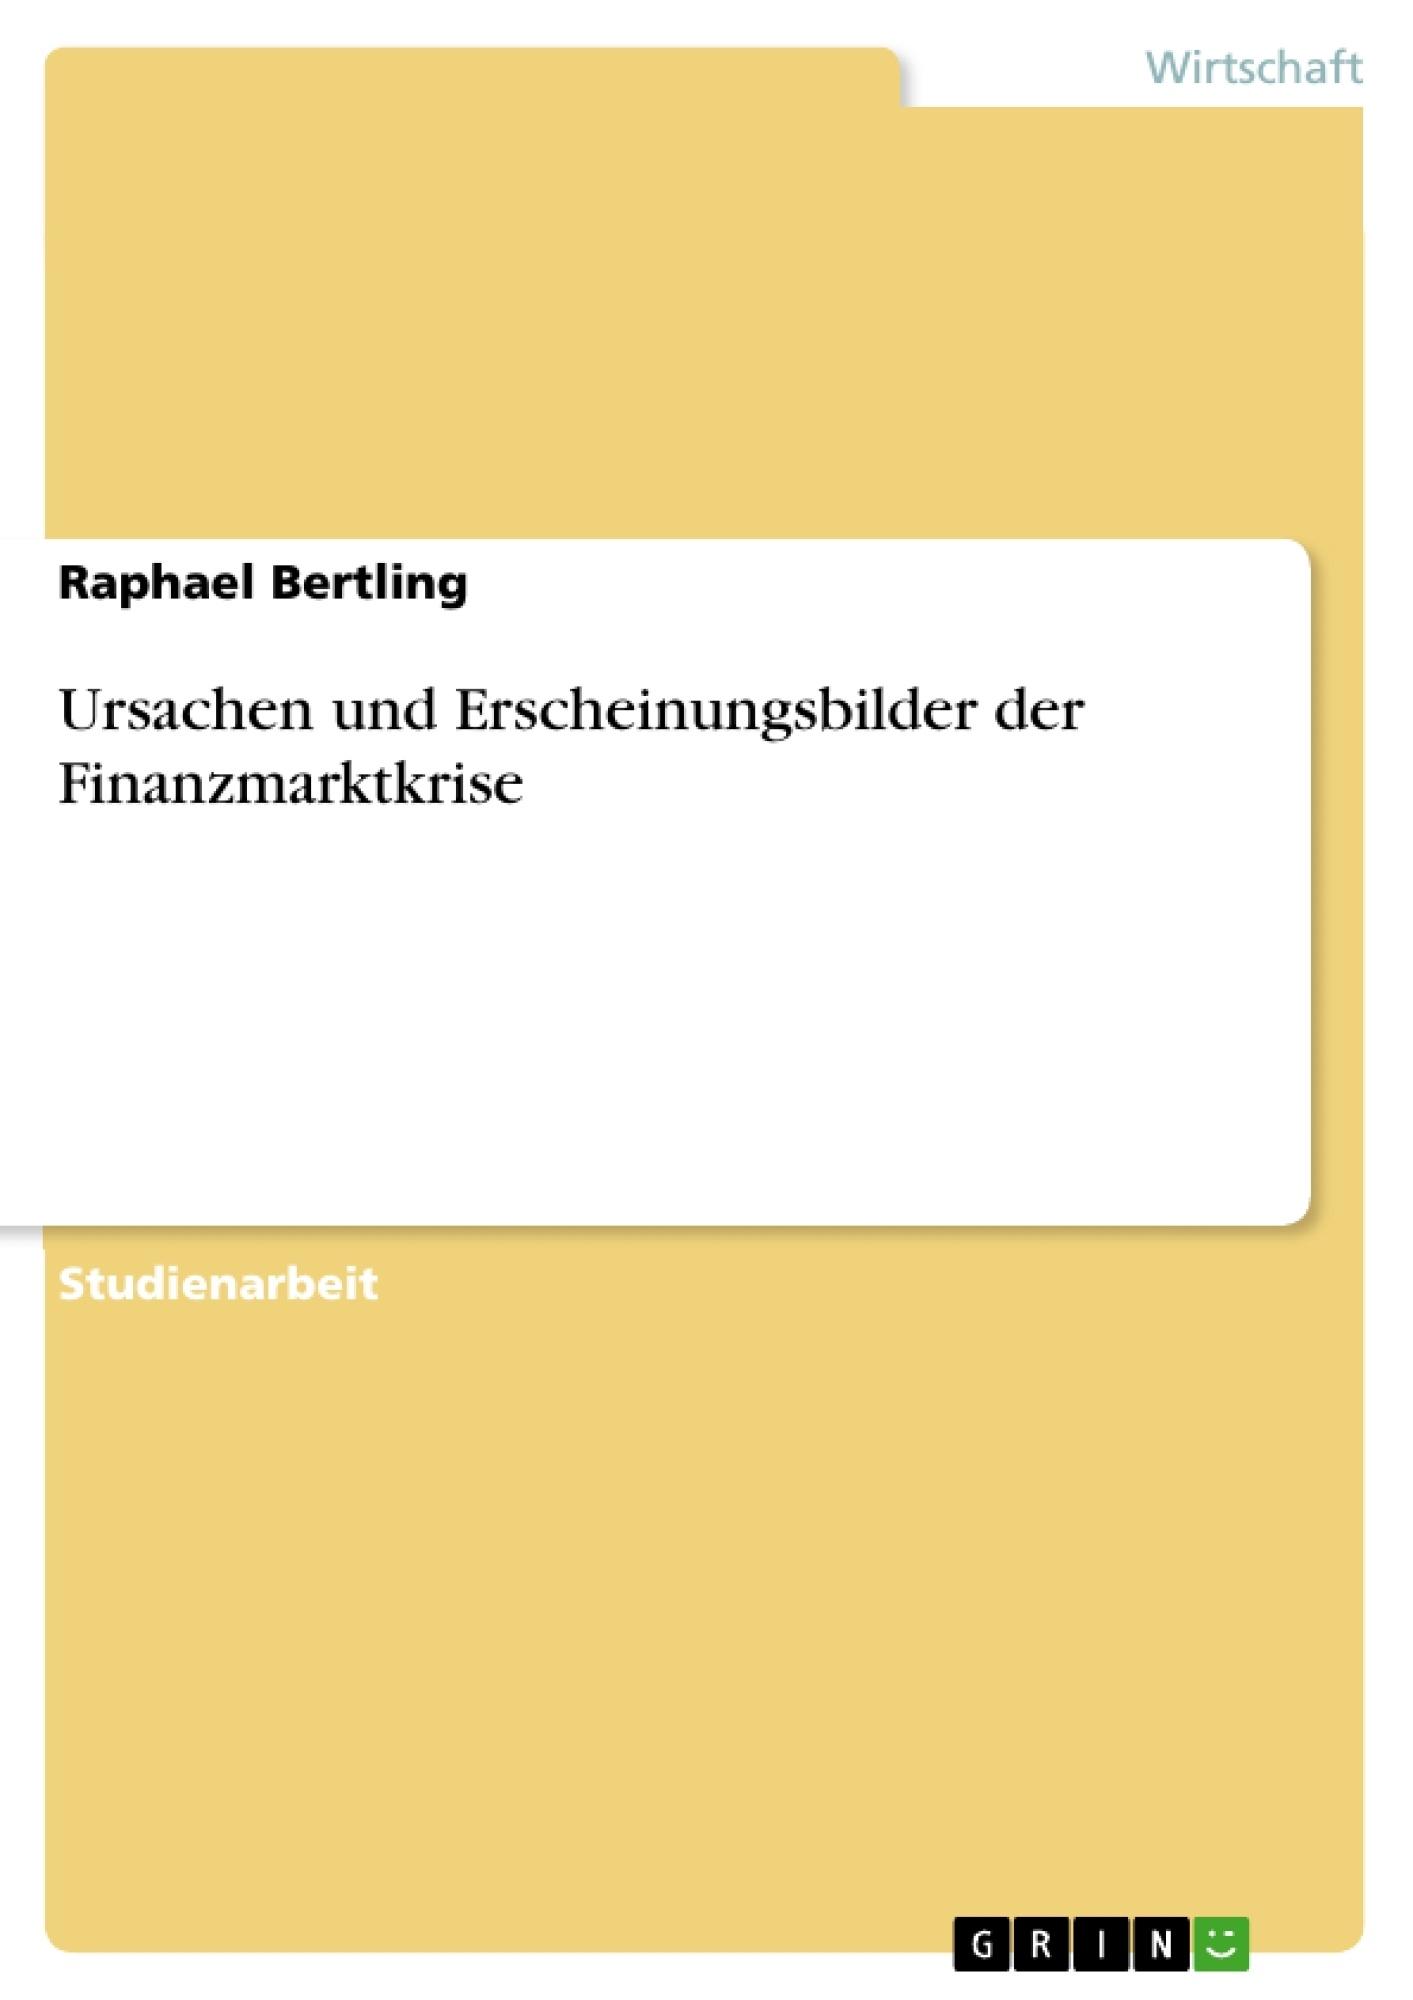 Titel: Ursachen und Erscheinungsbilder der Finanzmarktkrise